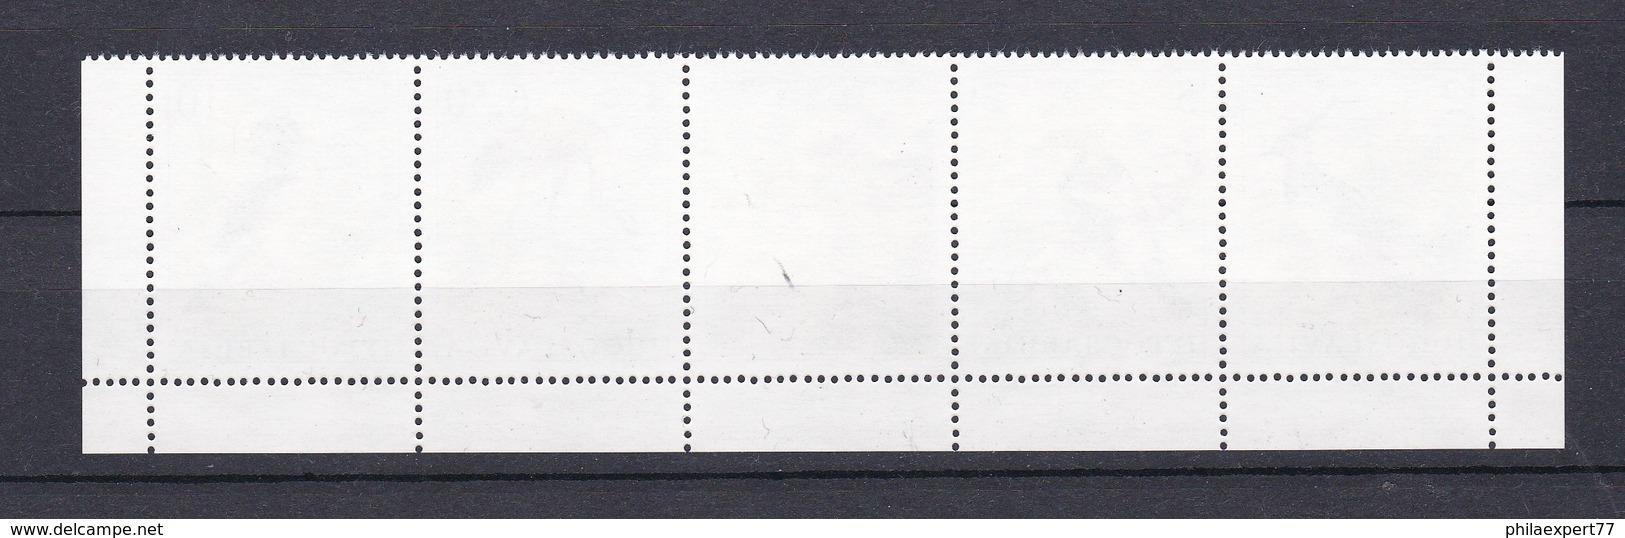 Jugoslawien - 1991 - Michel Nr. 2463/66 - Fünferstreifen - Postfrisch - 1945-1992 Sozialistische Föderative Republik Jugoslawien